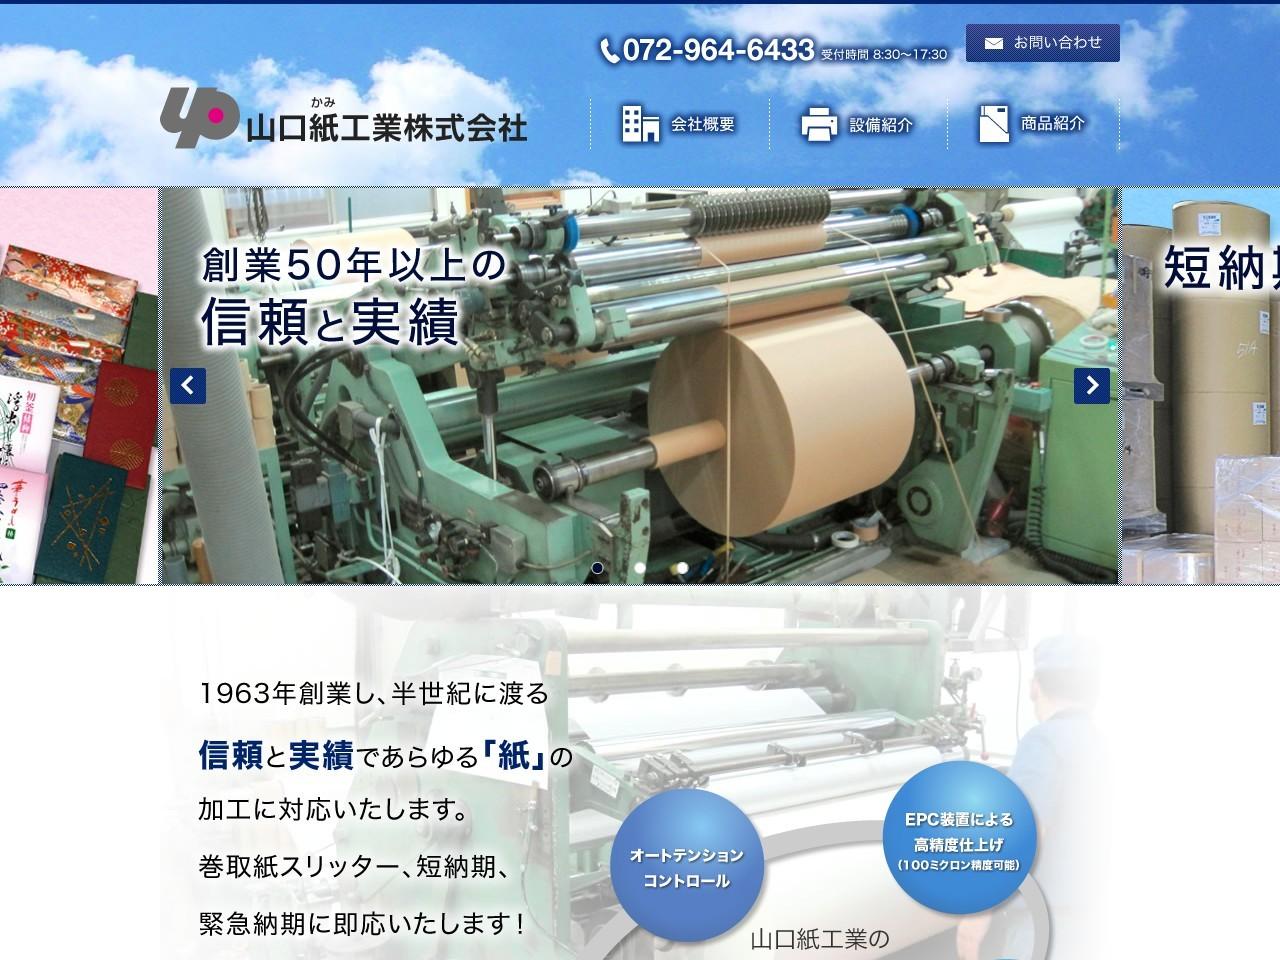 山口紙工業株式会社